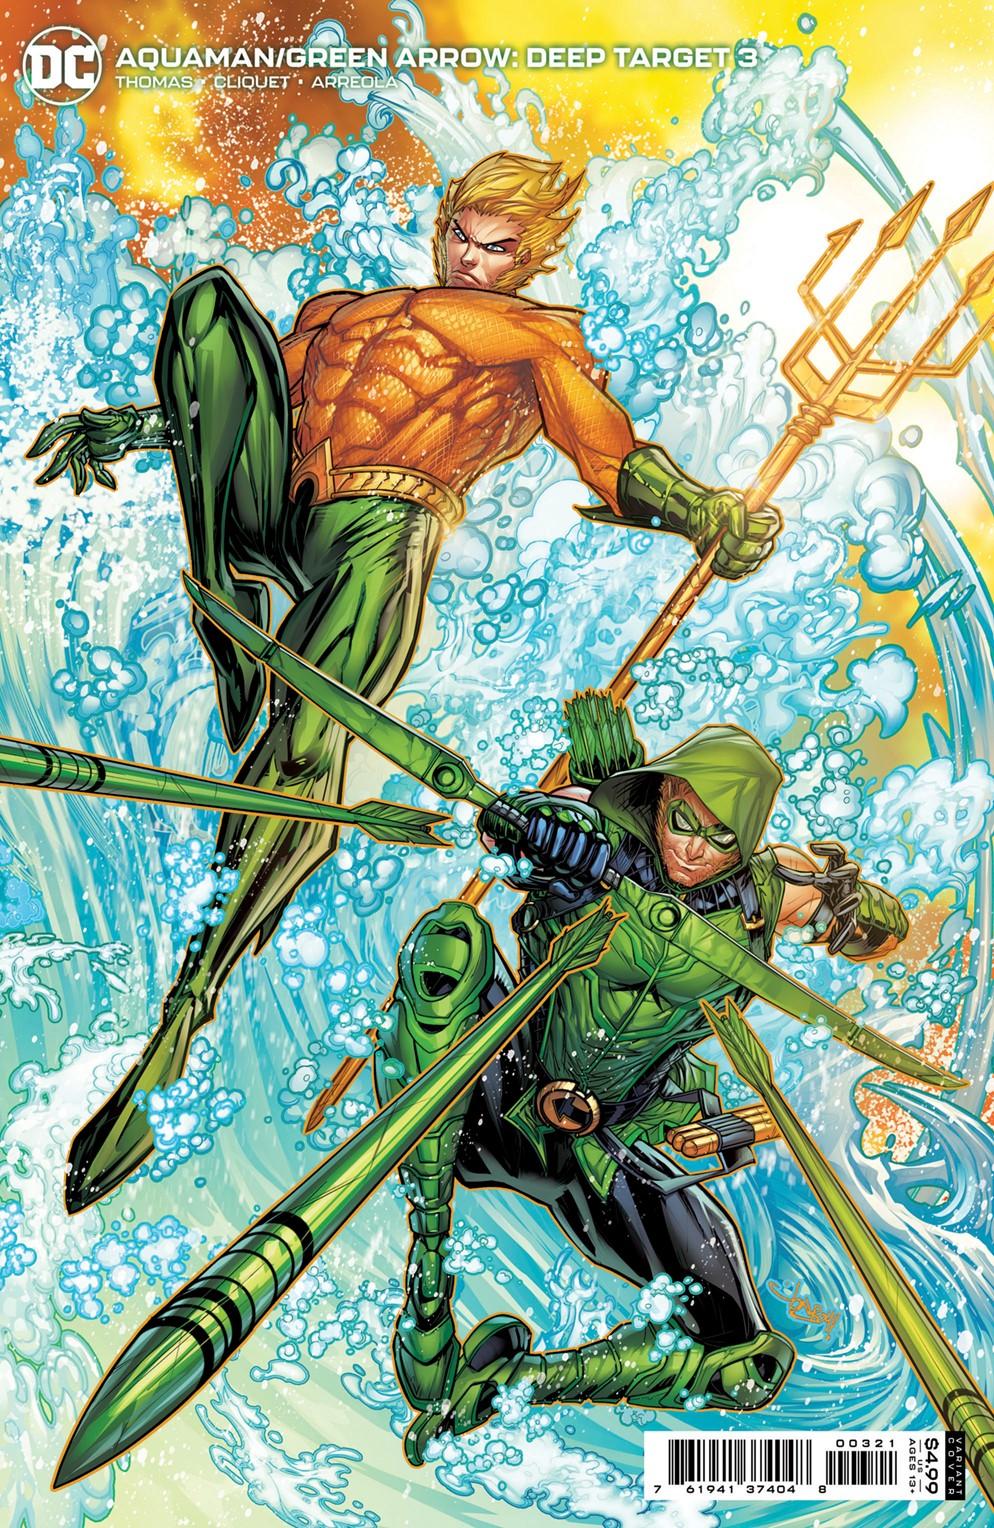 AQUAMAN_GREENARROW_DT_Cv3_var DC Comics December 2021 Solicitations